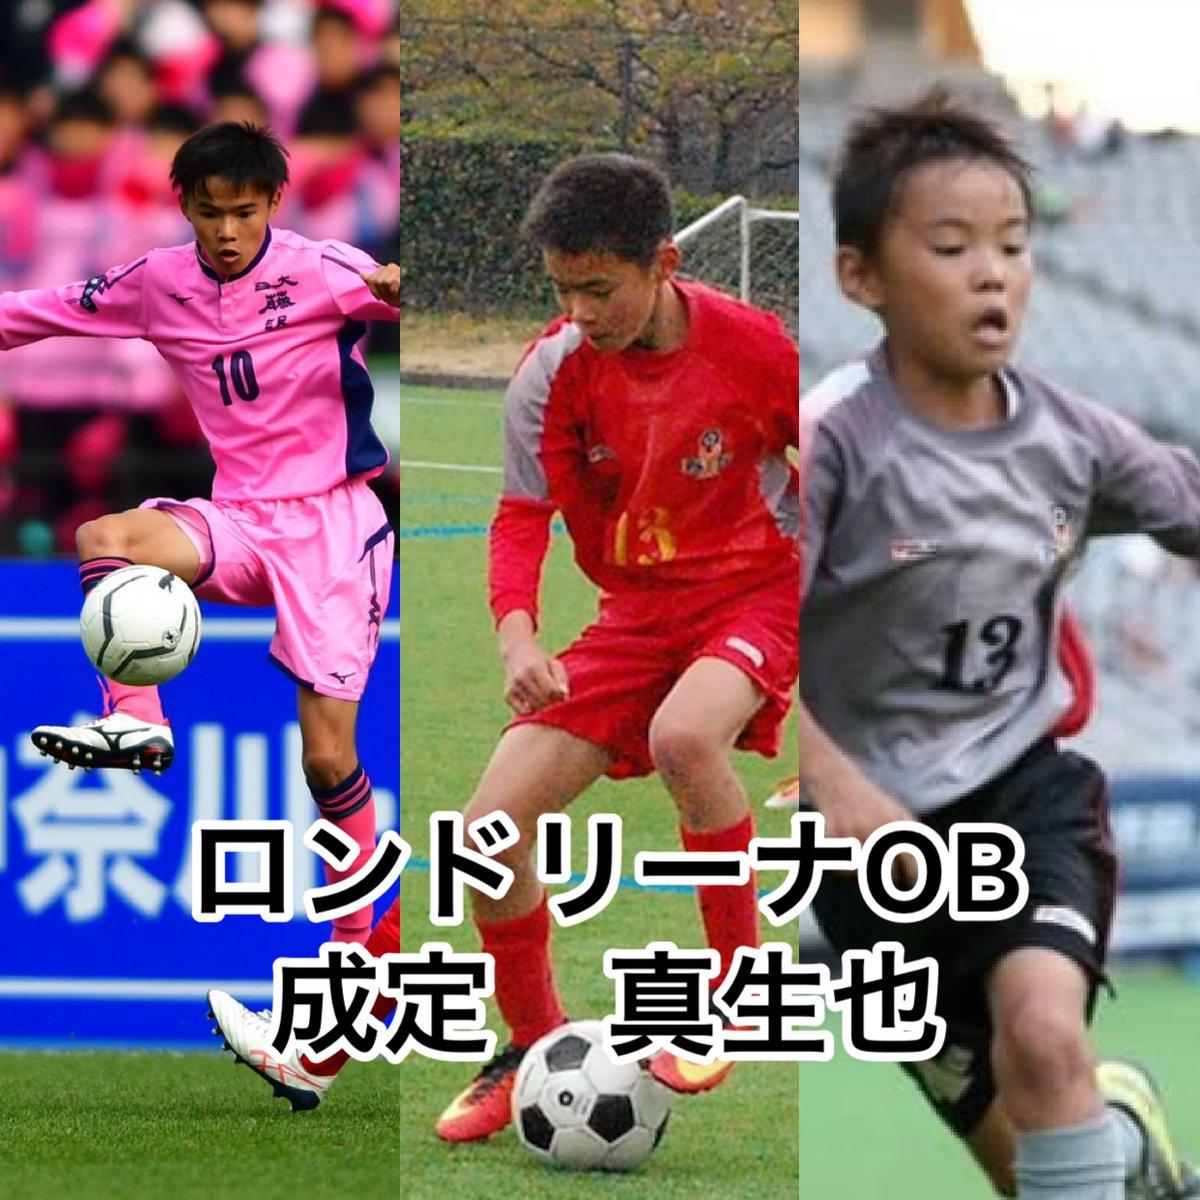 藤沢 日 部 大 サッカー